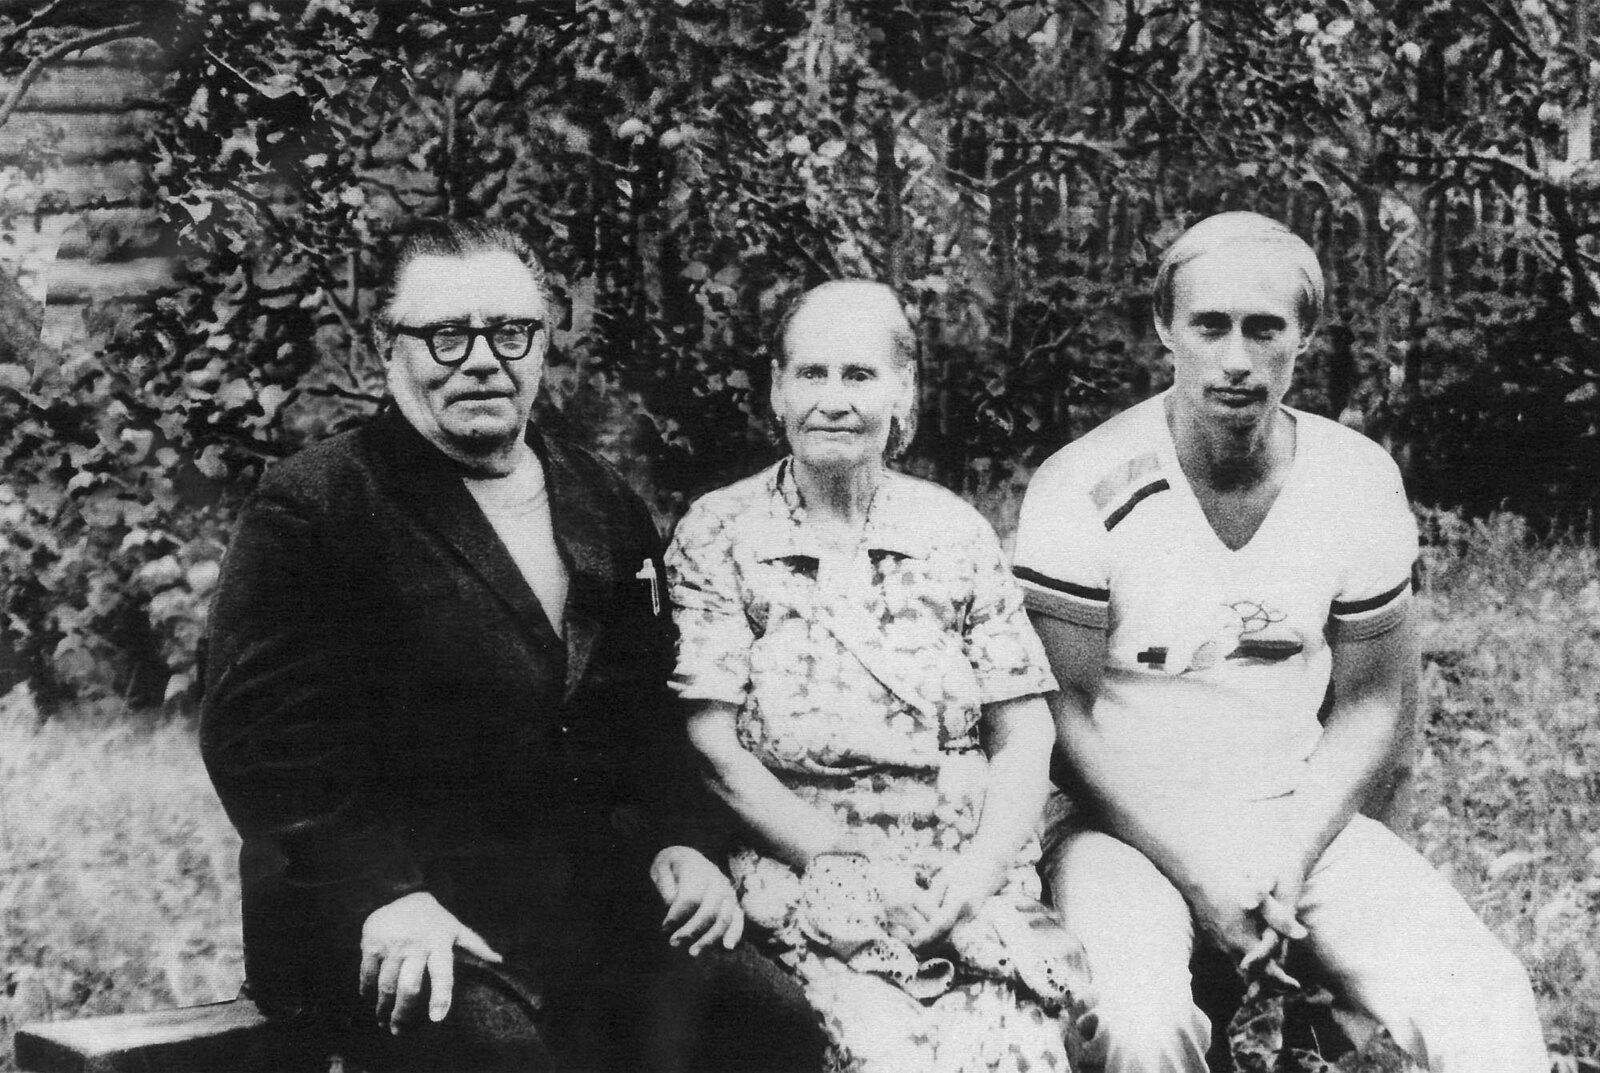 1985. Владимир Путин с родителями Марией и Владимиром Путиными перед его отъездом в Германию